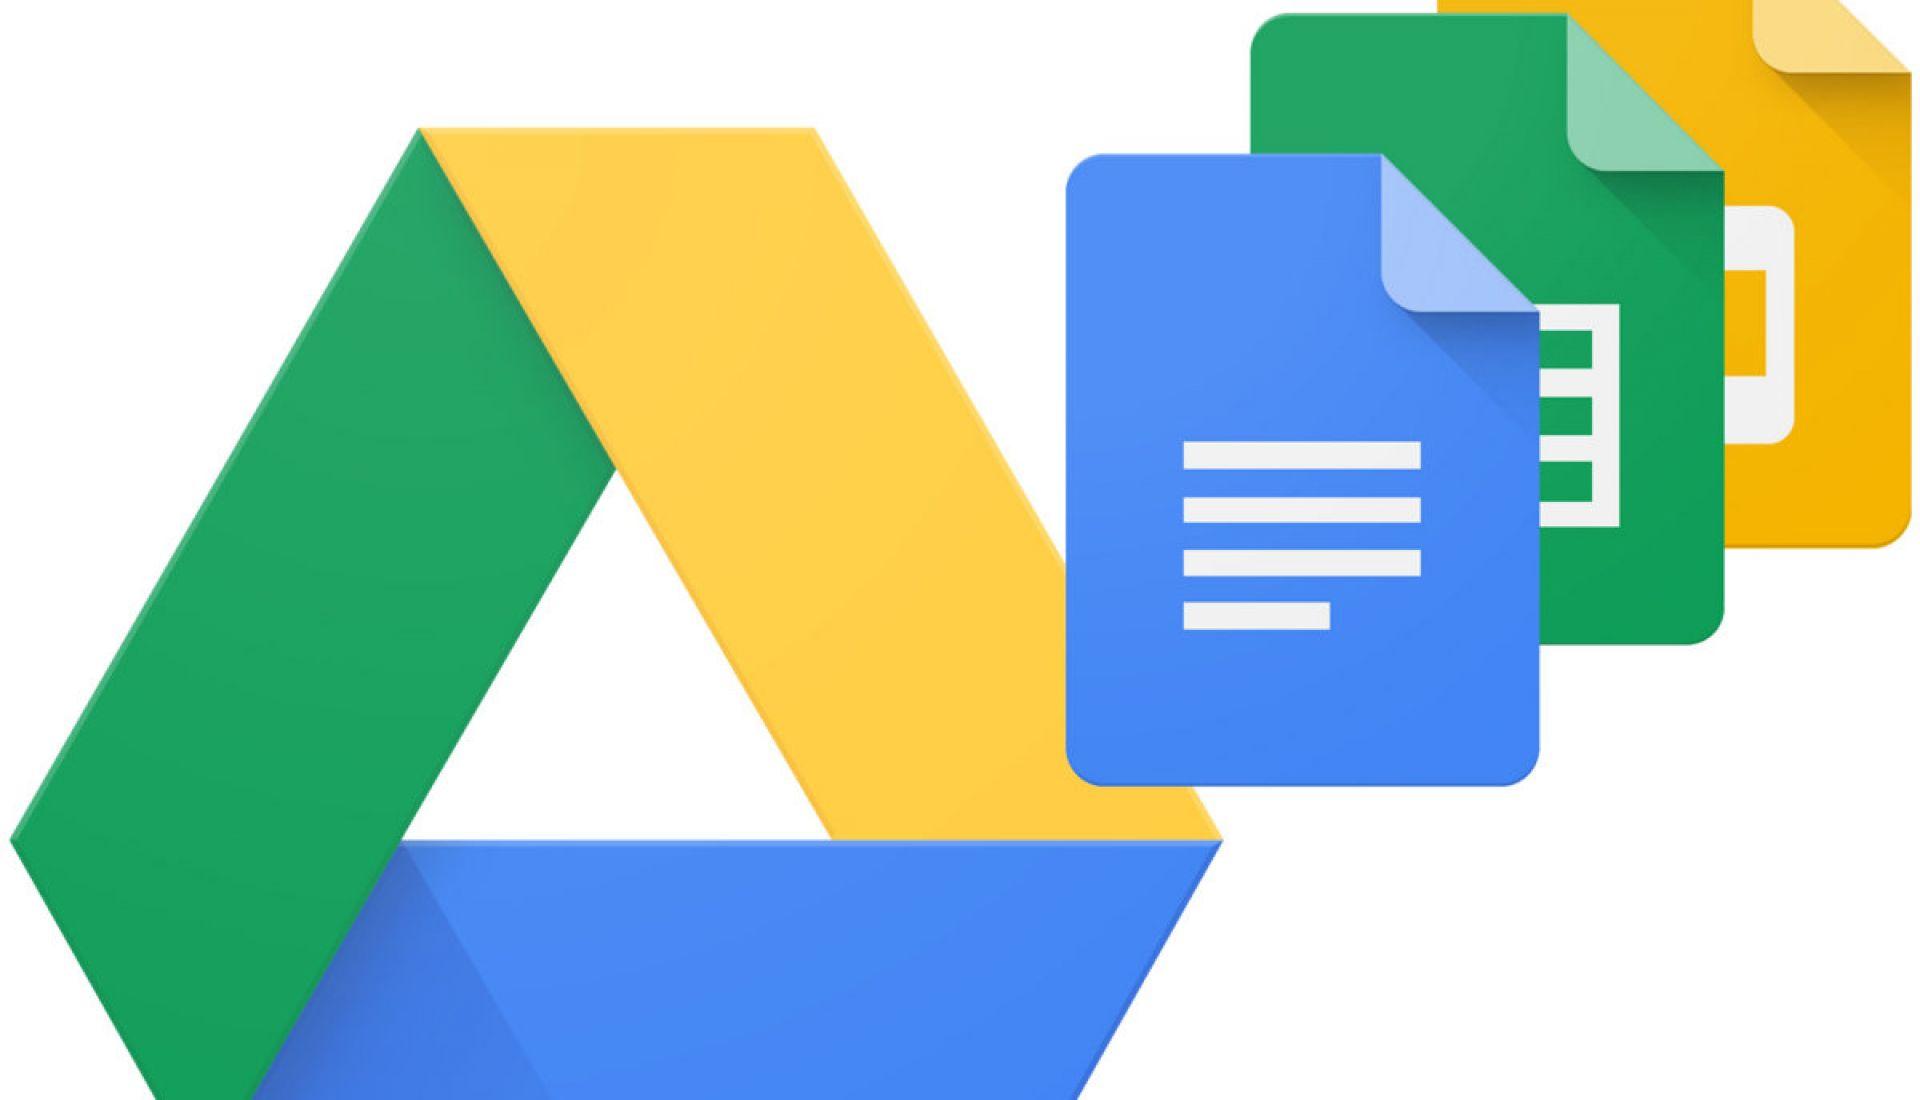 Utiliser Google Drive, Photo et les outils de bureautique